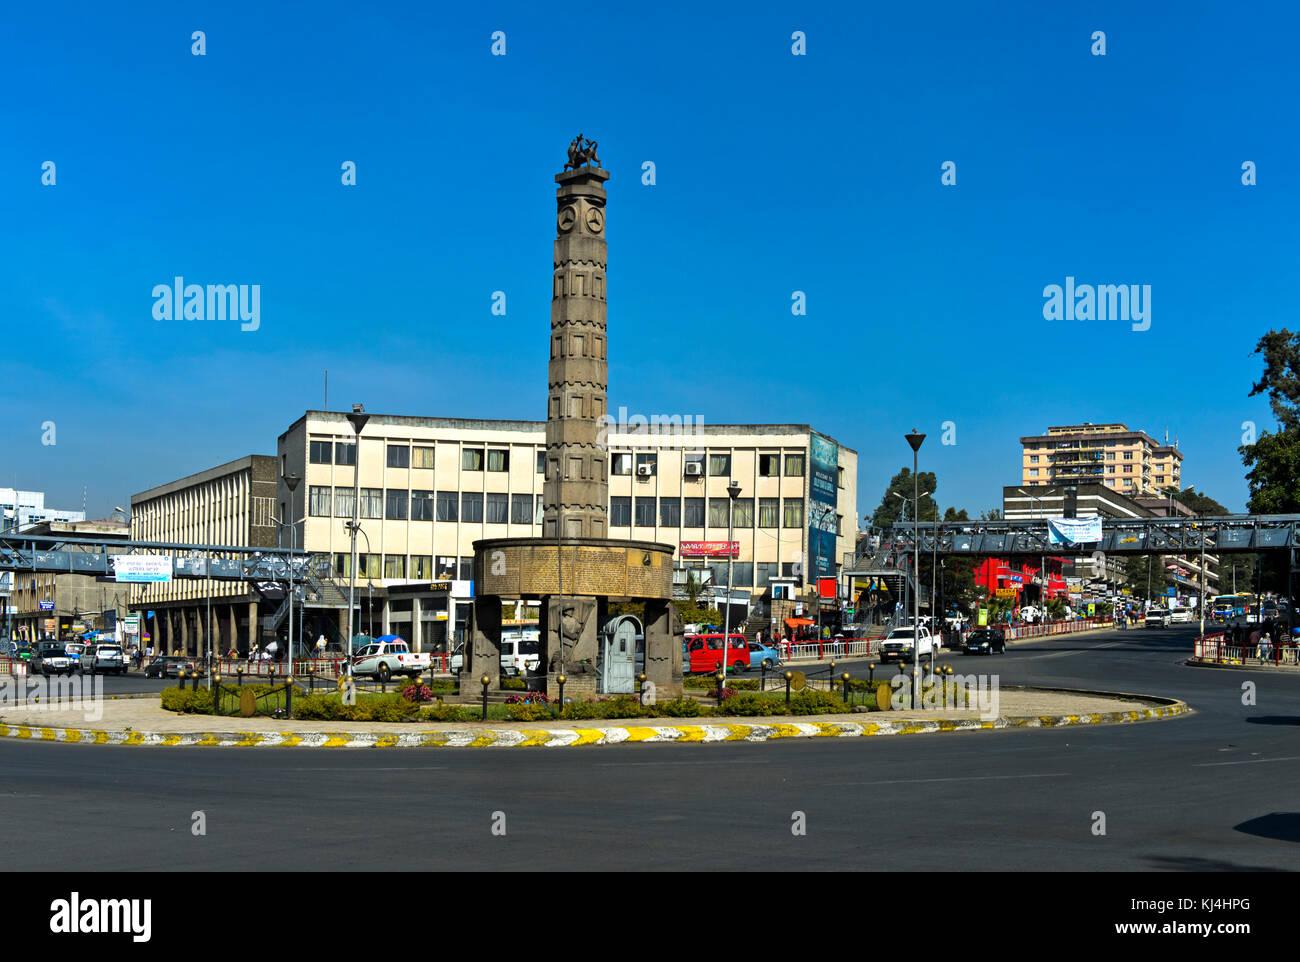 Victory Monument in Arat Kilo square, also Meyazia 27 Square, Addis Ababa, Ethiopia - Stock Image